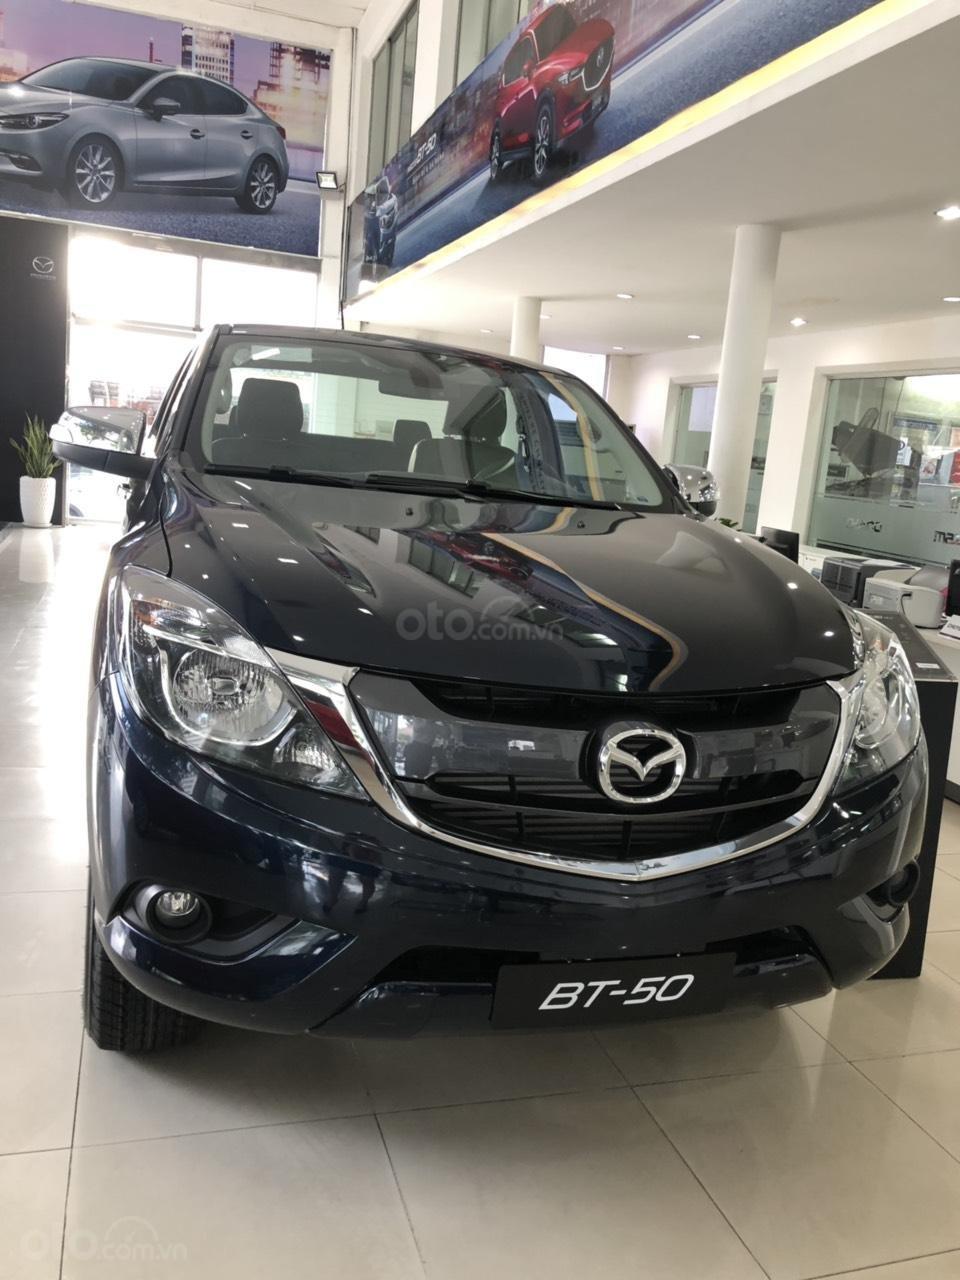 Cần bán Mazda BT 50, màu xanh đen, khuyến mãi lớn - liên hệ: 0906.612.900-0